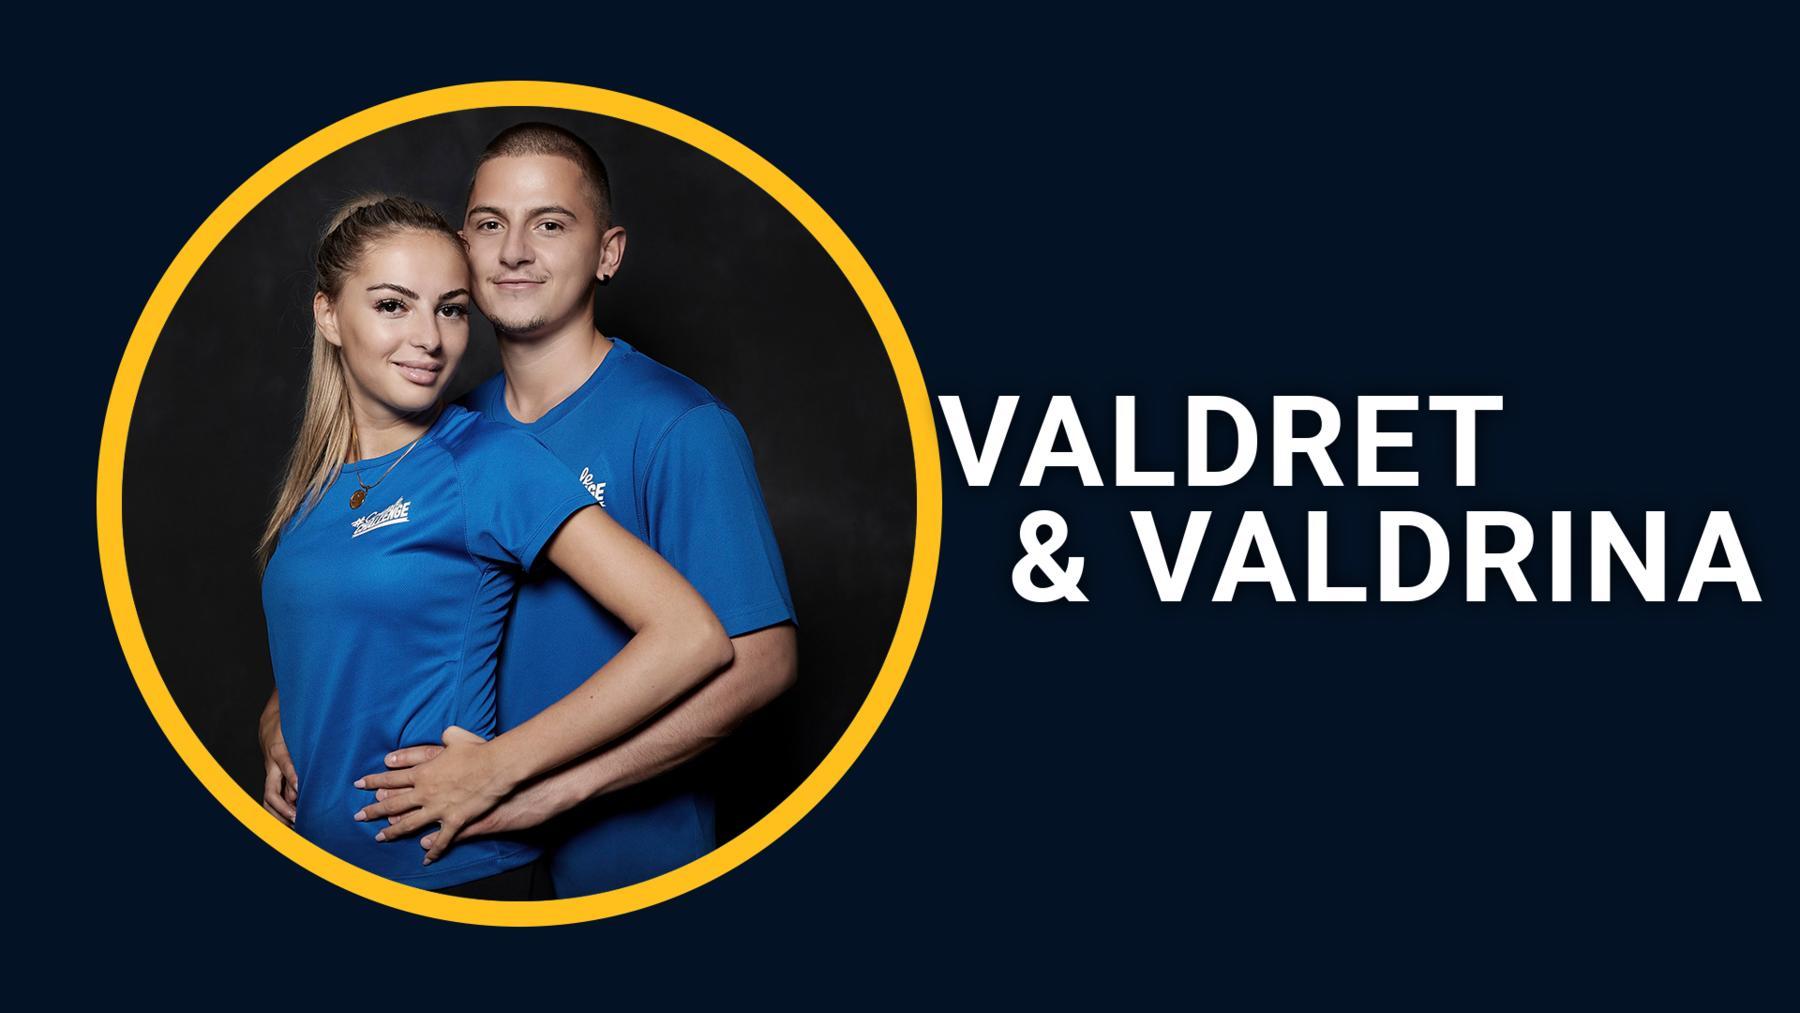 Valdret & Valdrina